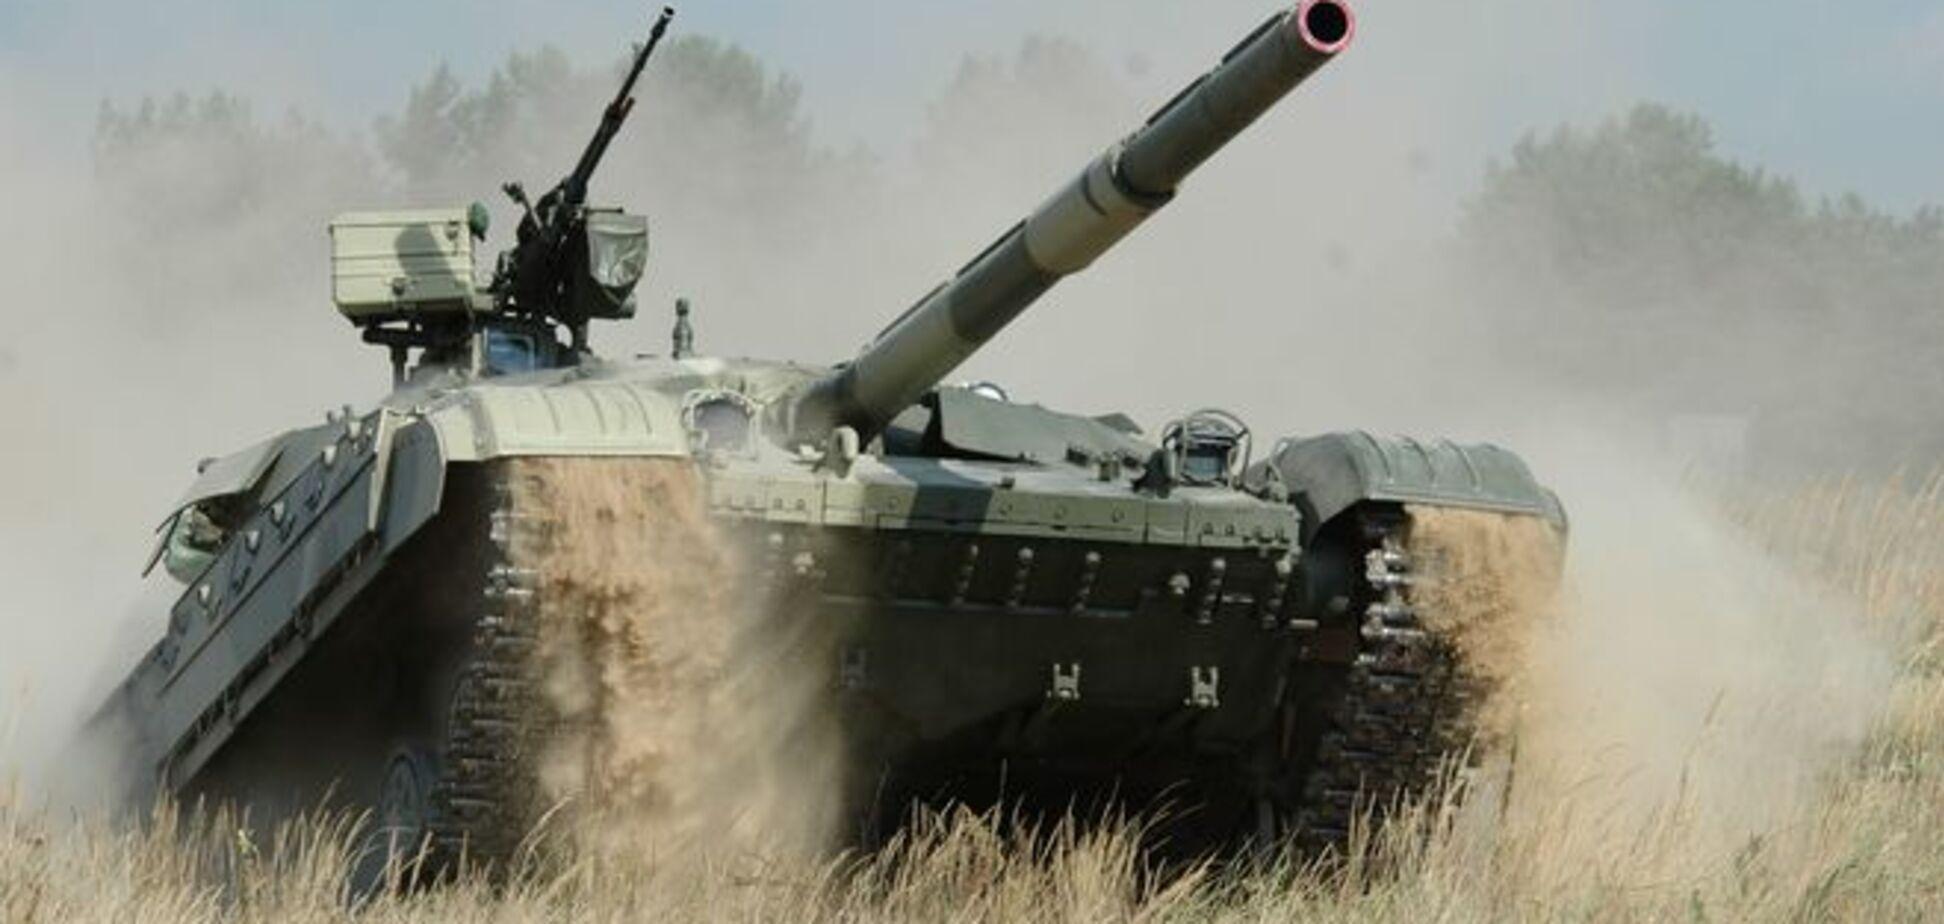 В 'Укроборонпроме' хотят вооружать армию за счет продажи танков 'Оплот'